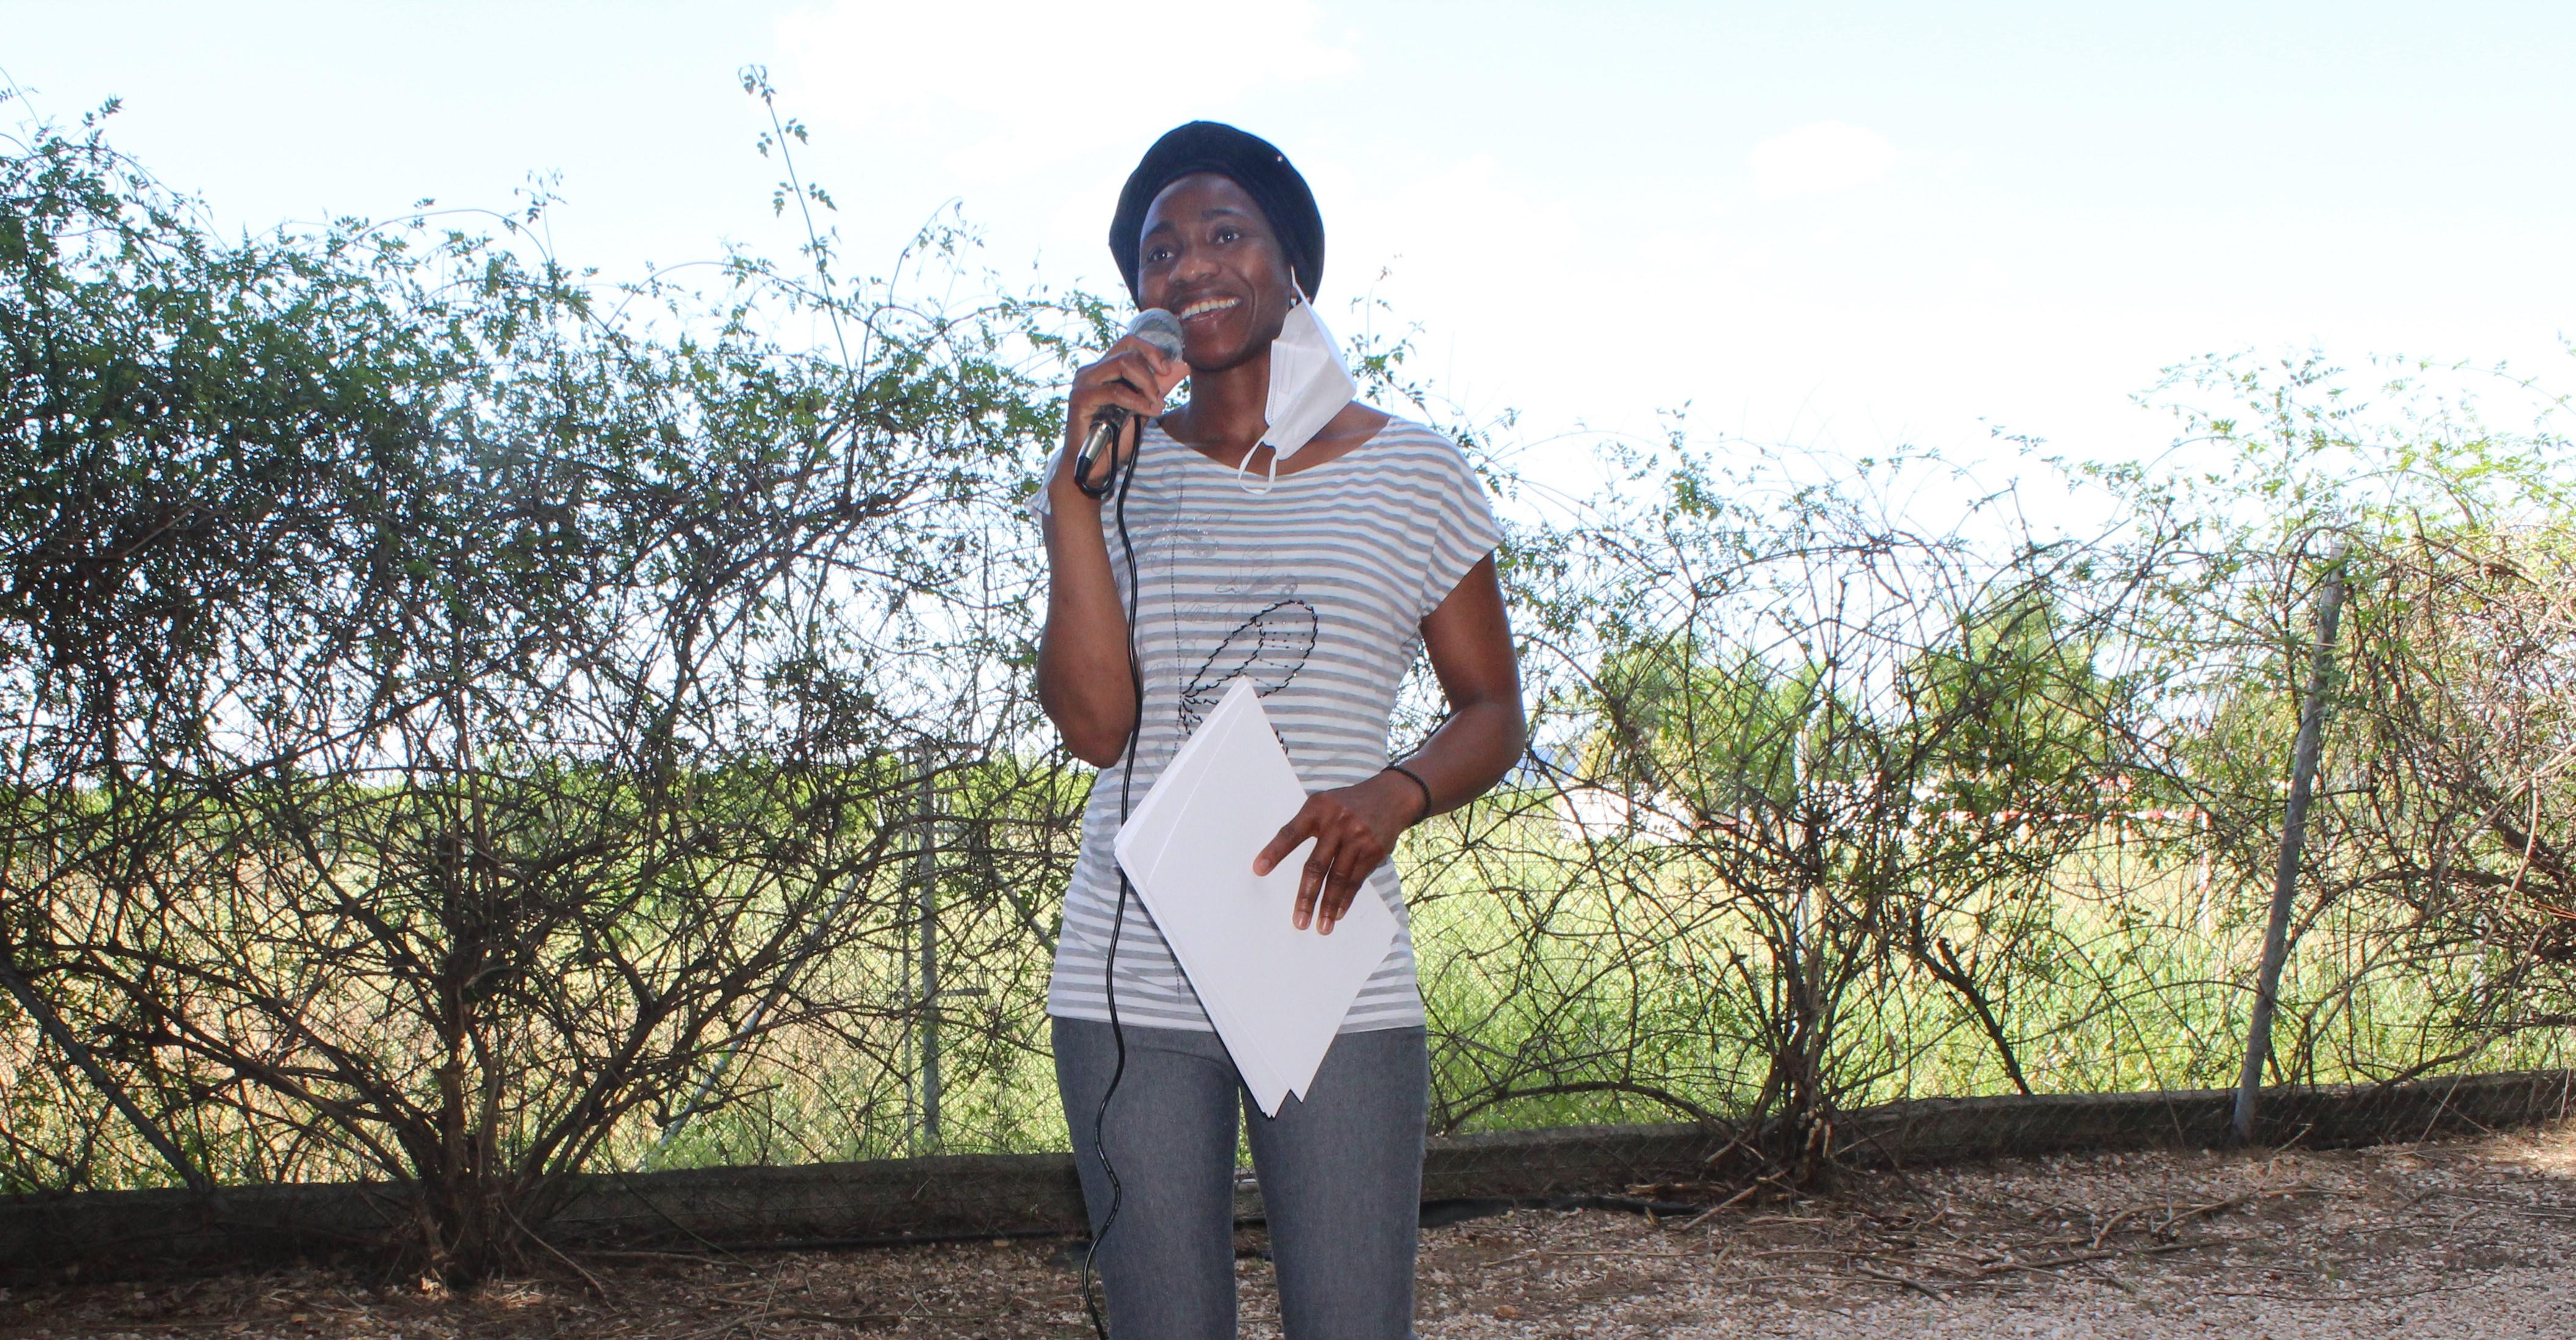 Entrevista | Aminata Soucko, presidenta de Red Aminata para la defensa y salud de las mujeres